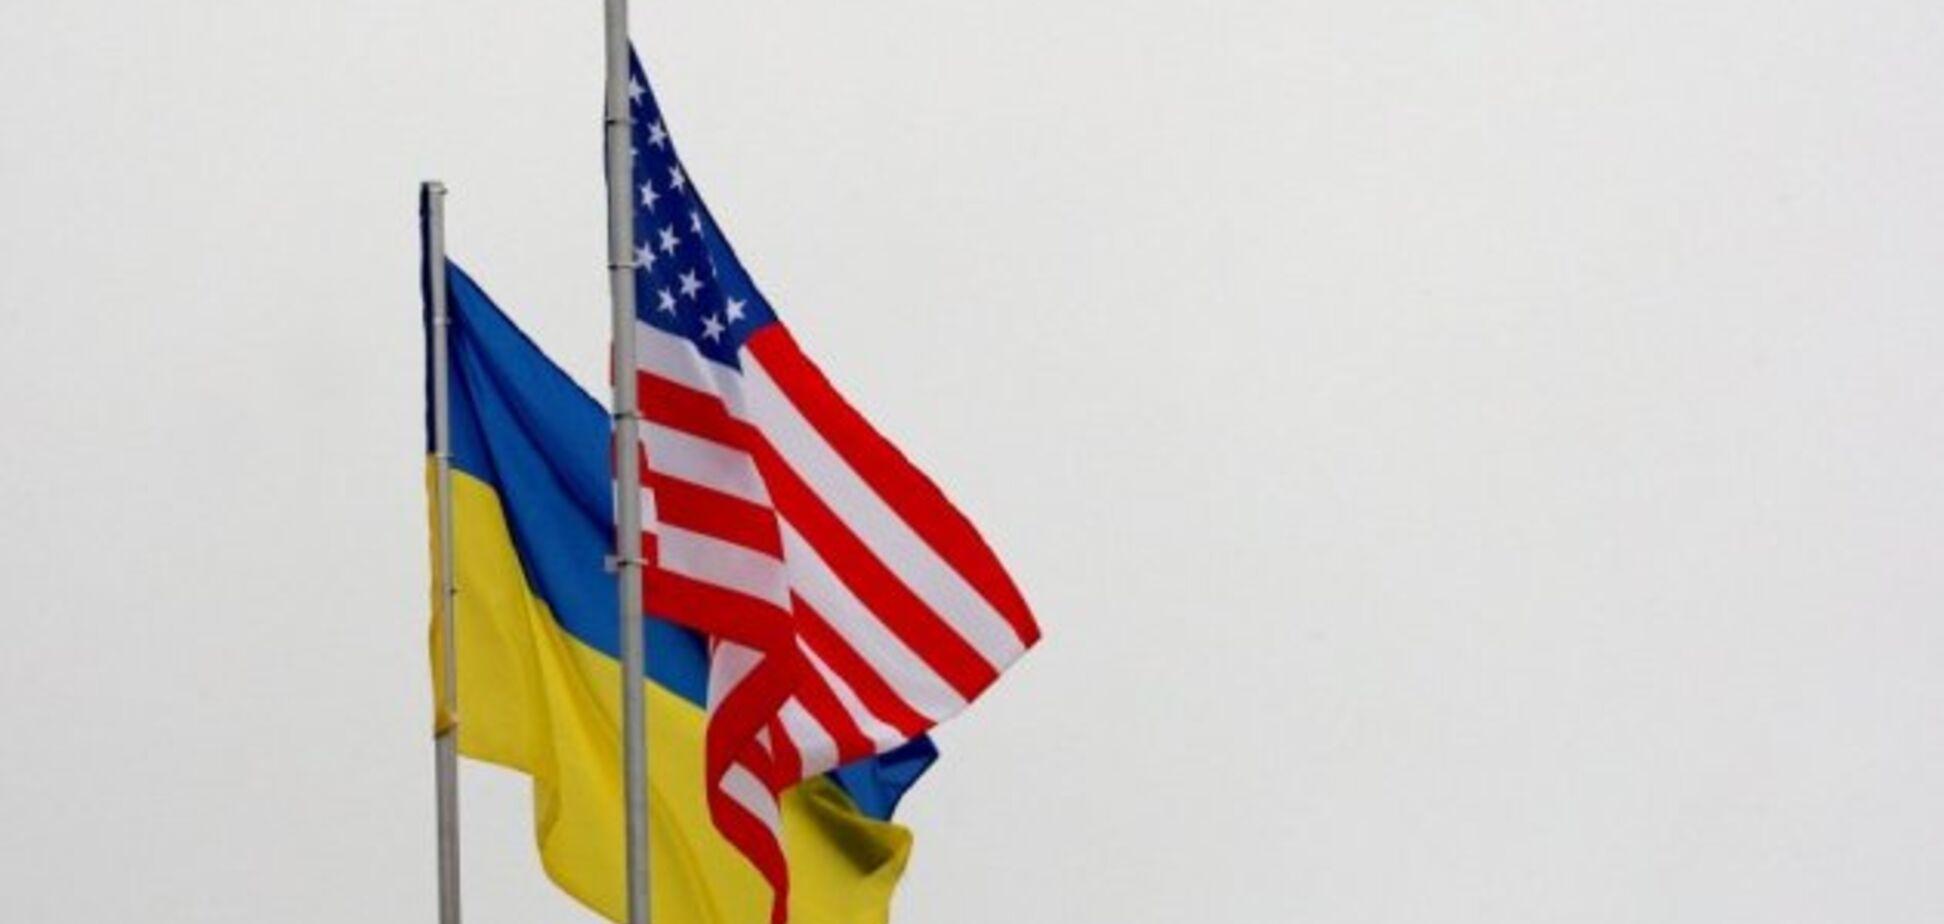 'Усилят мощь': нардеп сообщил о поставках нового оружия США